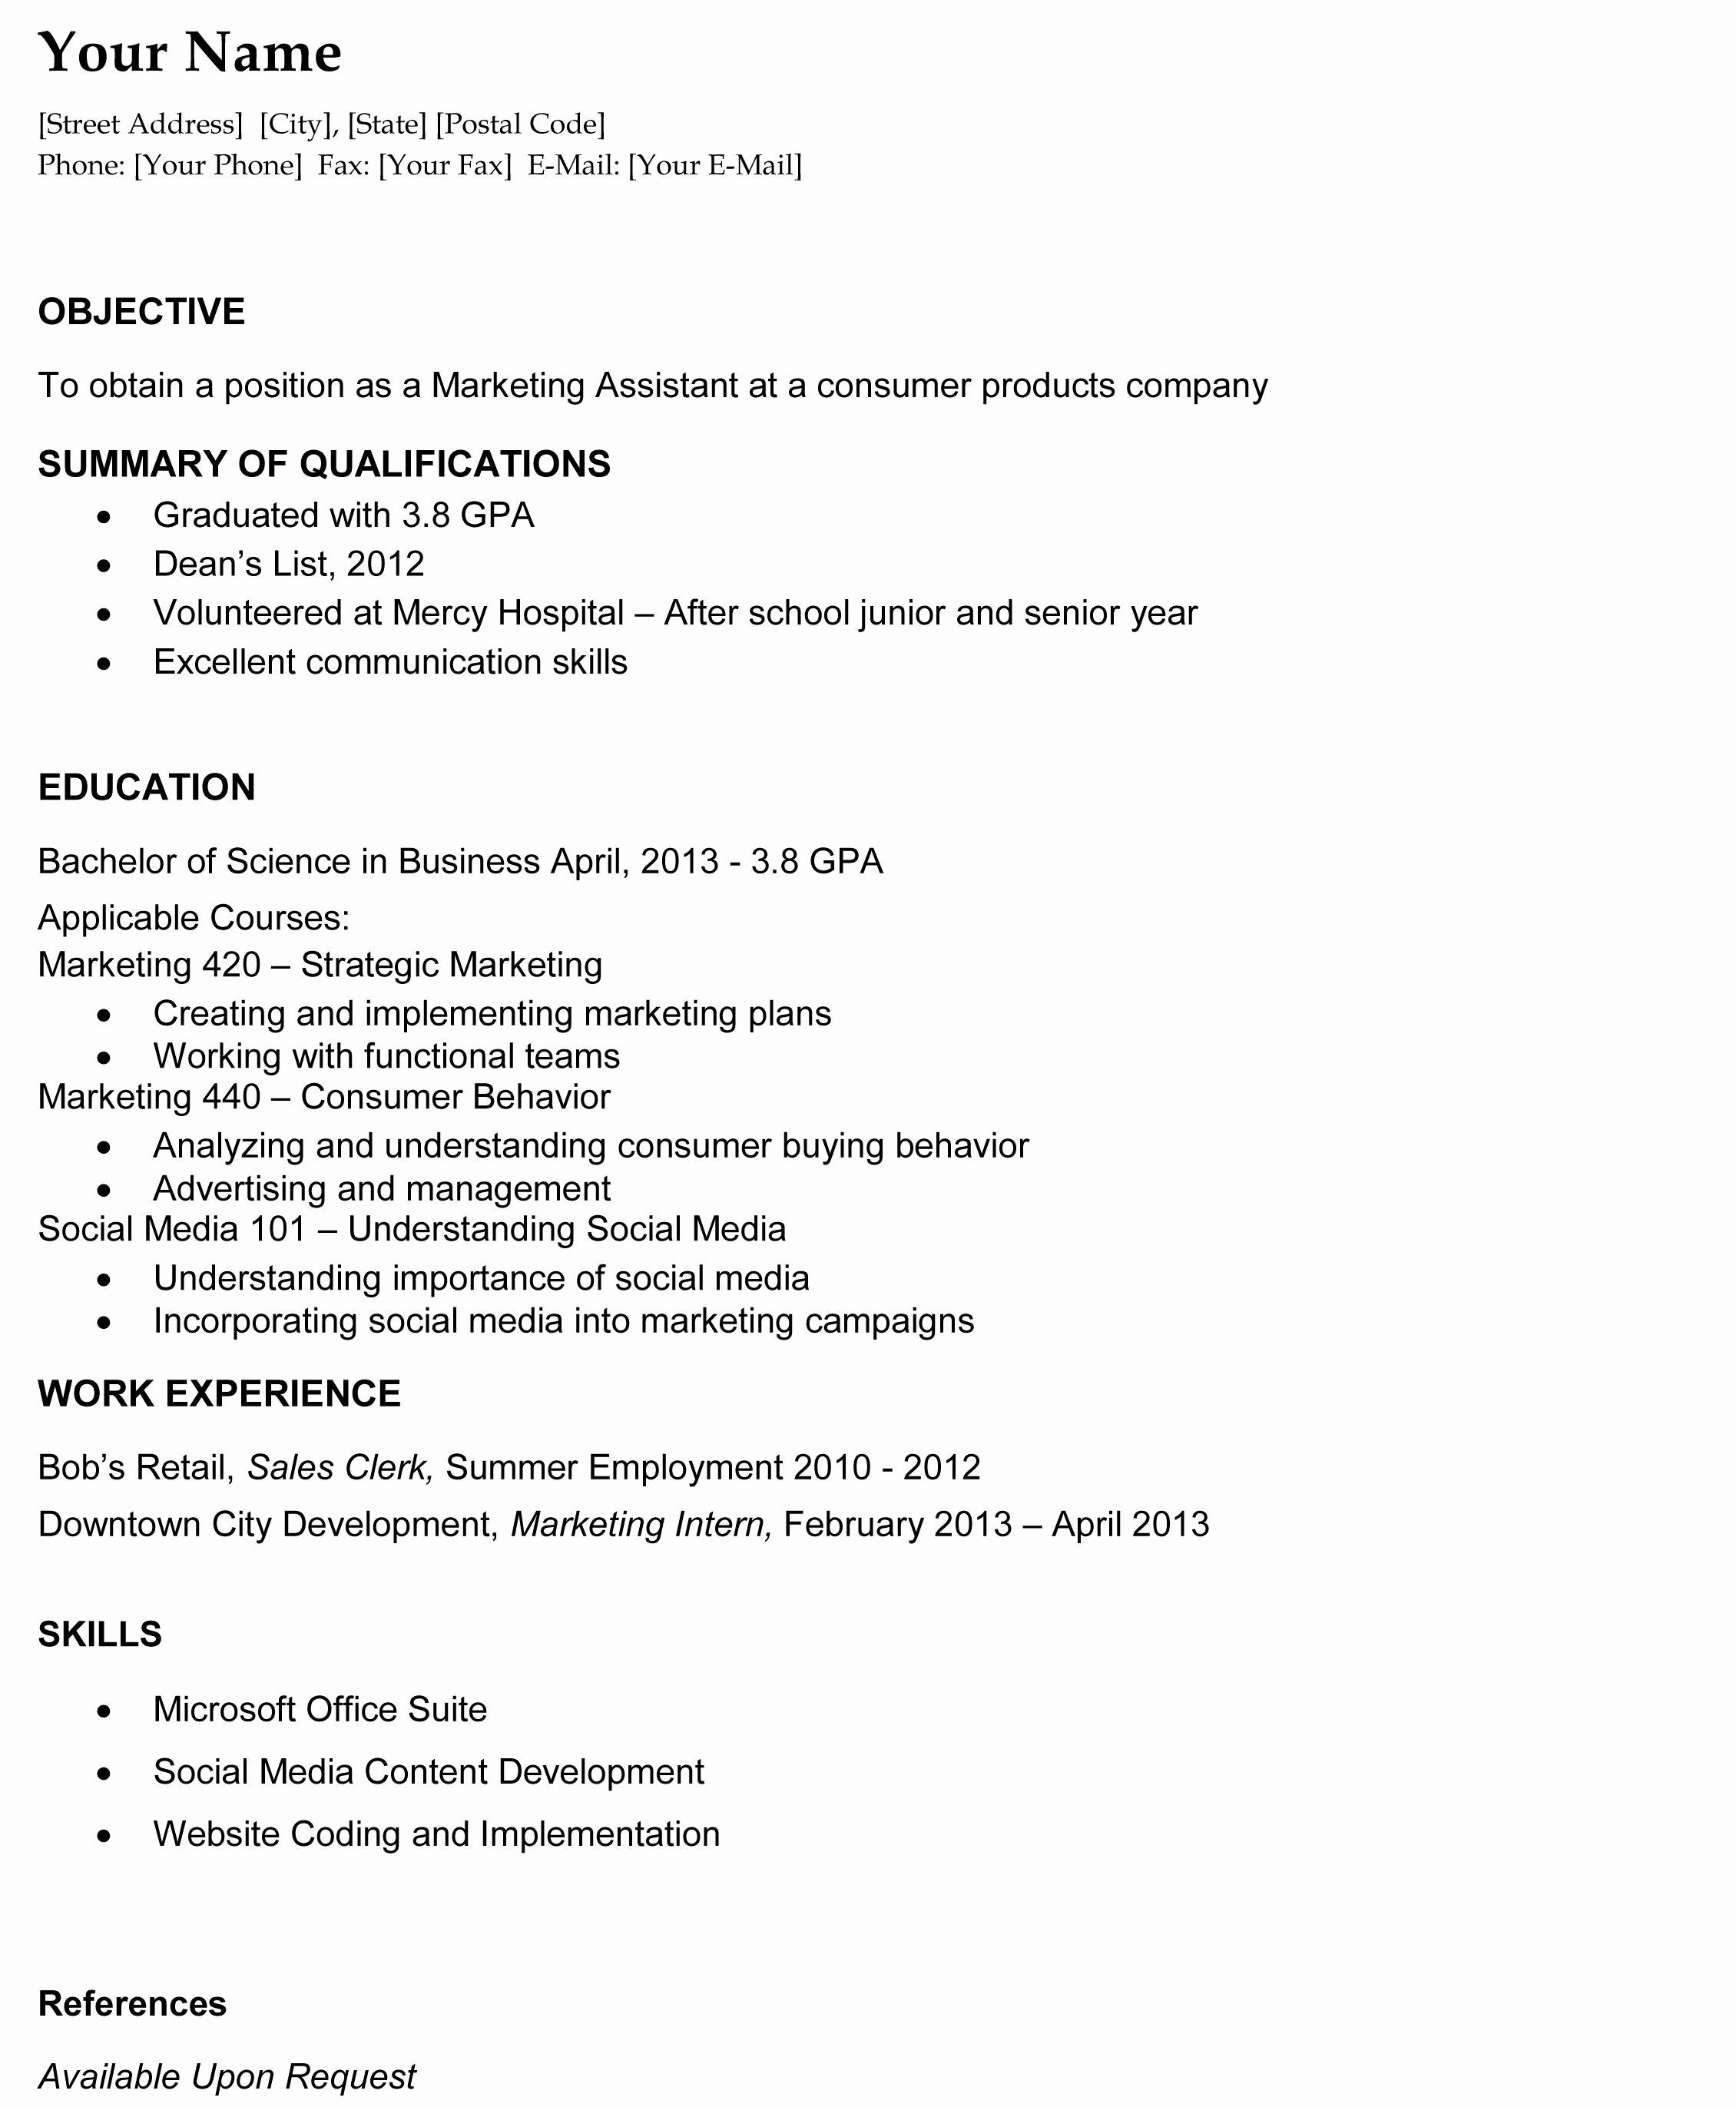 College Graduate Resume Template Unique Resume format Resume Templates University